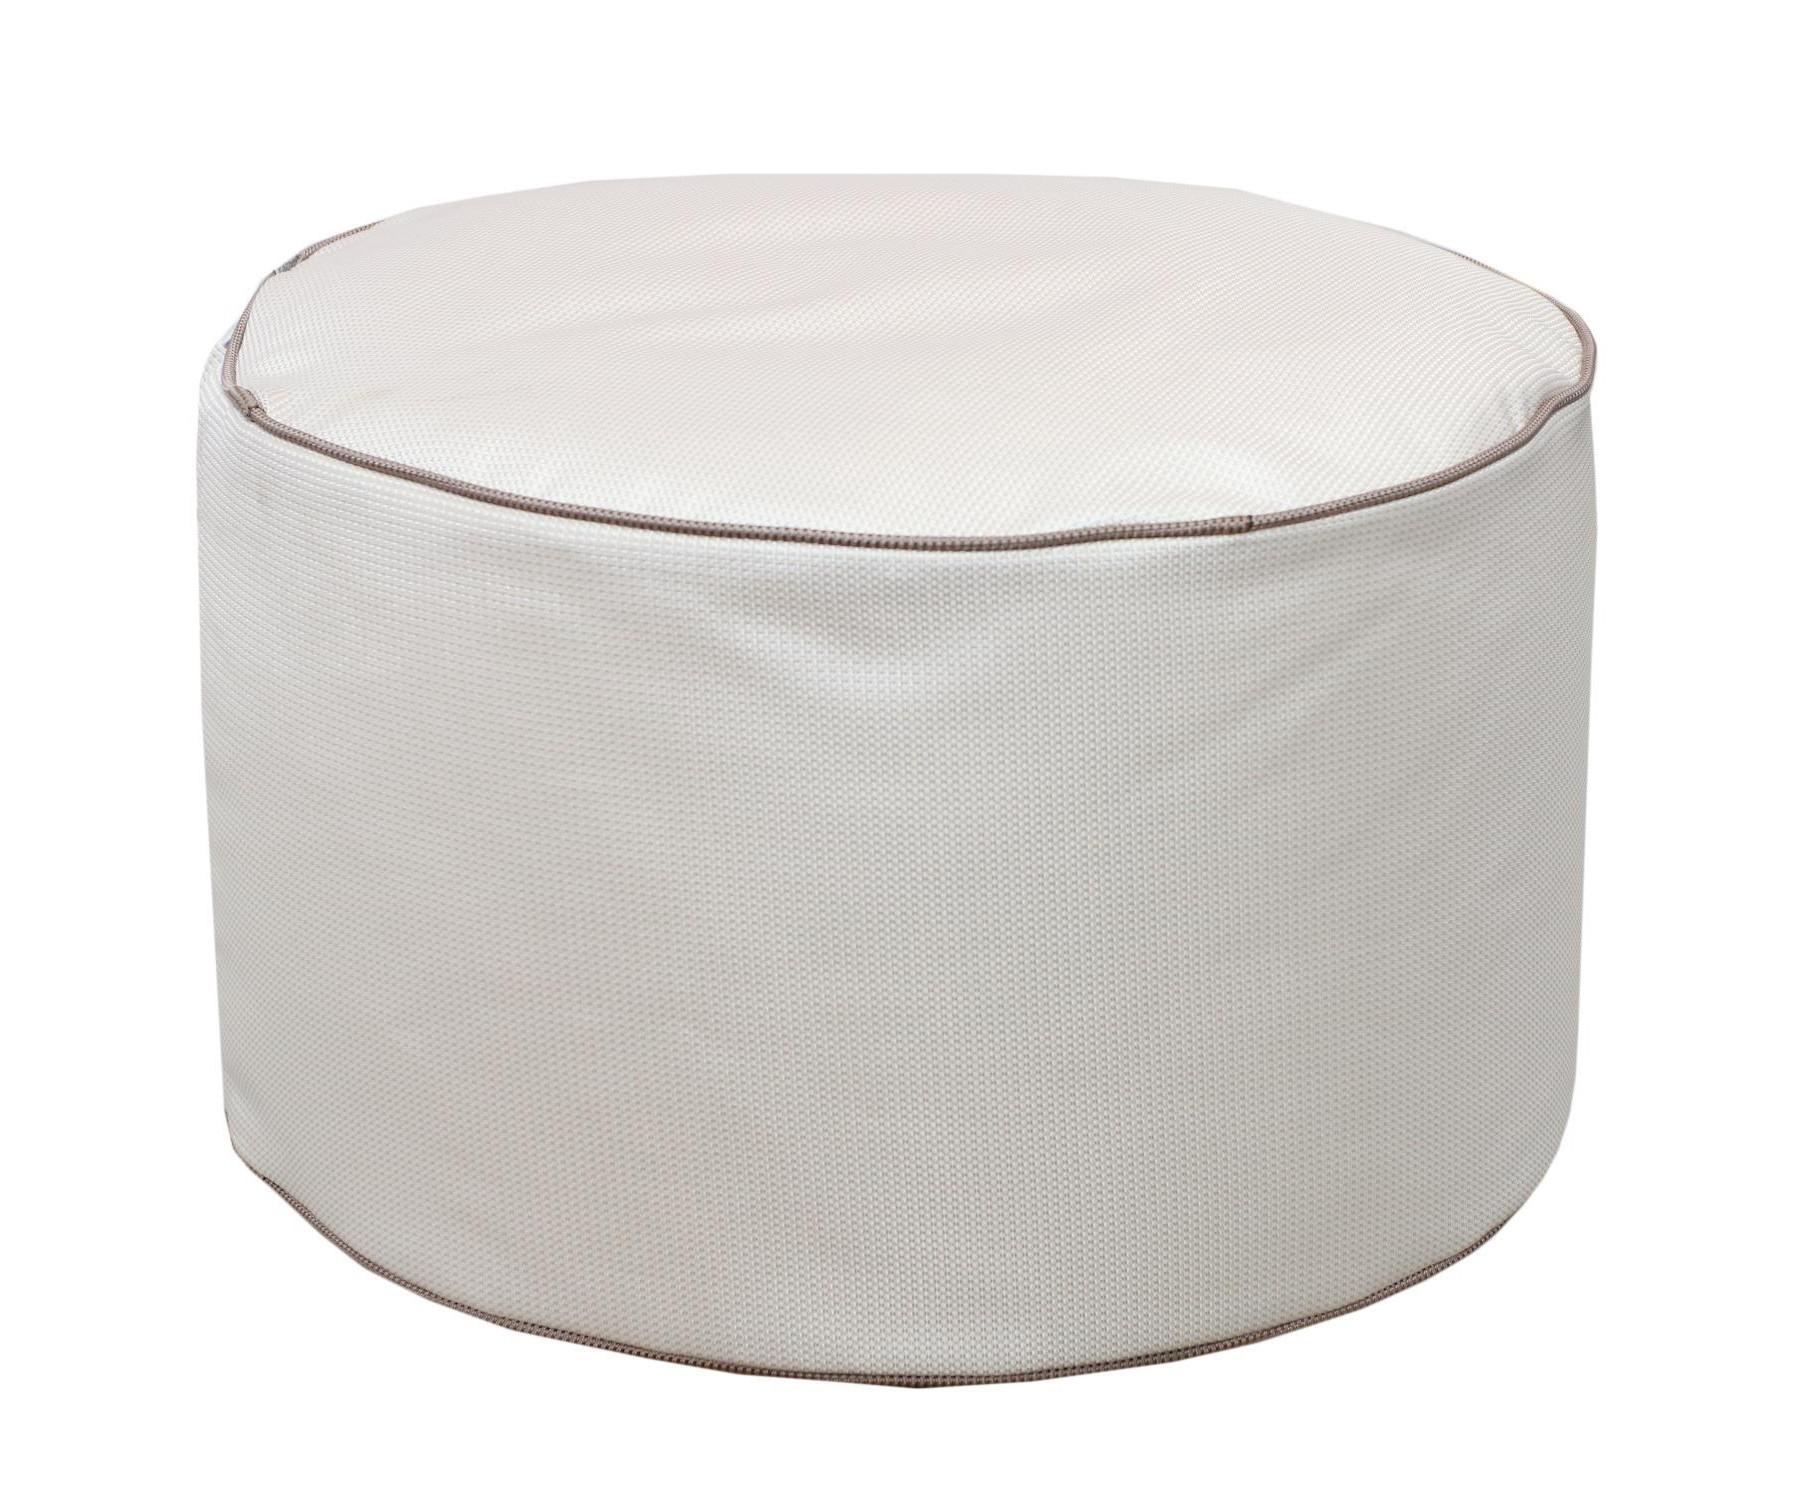 Круглый пуф  White PearleФорменные пуфы<br>Этот круглый пуф необыкновенно легок (900 гр) и функционален. Пуф сшит из очень плотной ткани с водооталкивающим покрытием с внешней стороны, поэтому идеально подойтет для уличного декора.При загрязнении его достаточно протереть мокрой салфеткой.<br><br>Material: Текстиль<br>Высота см: 30